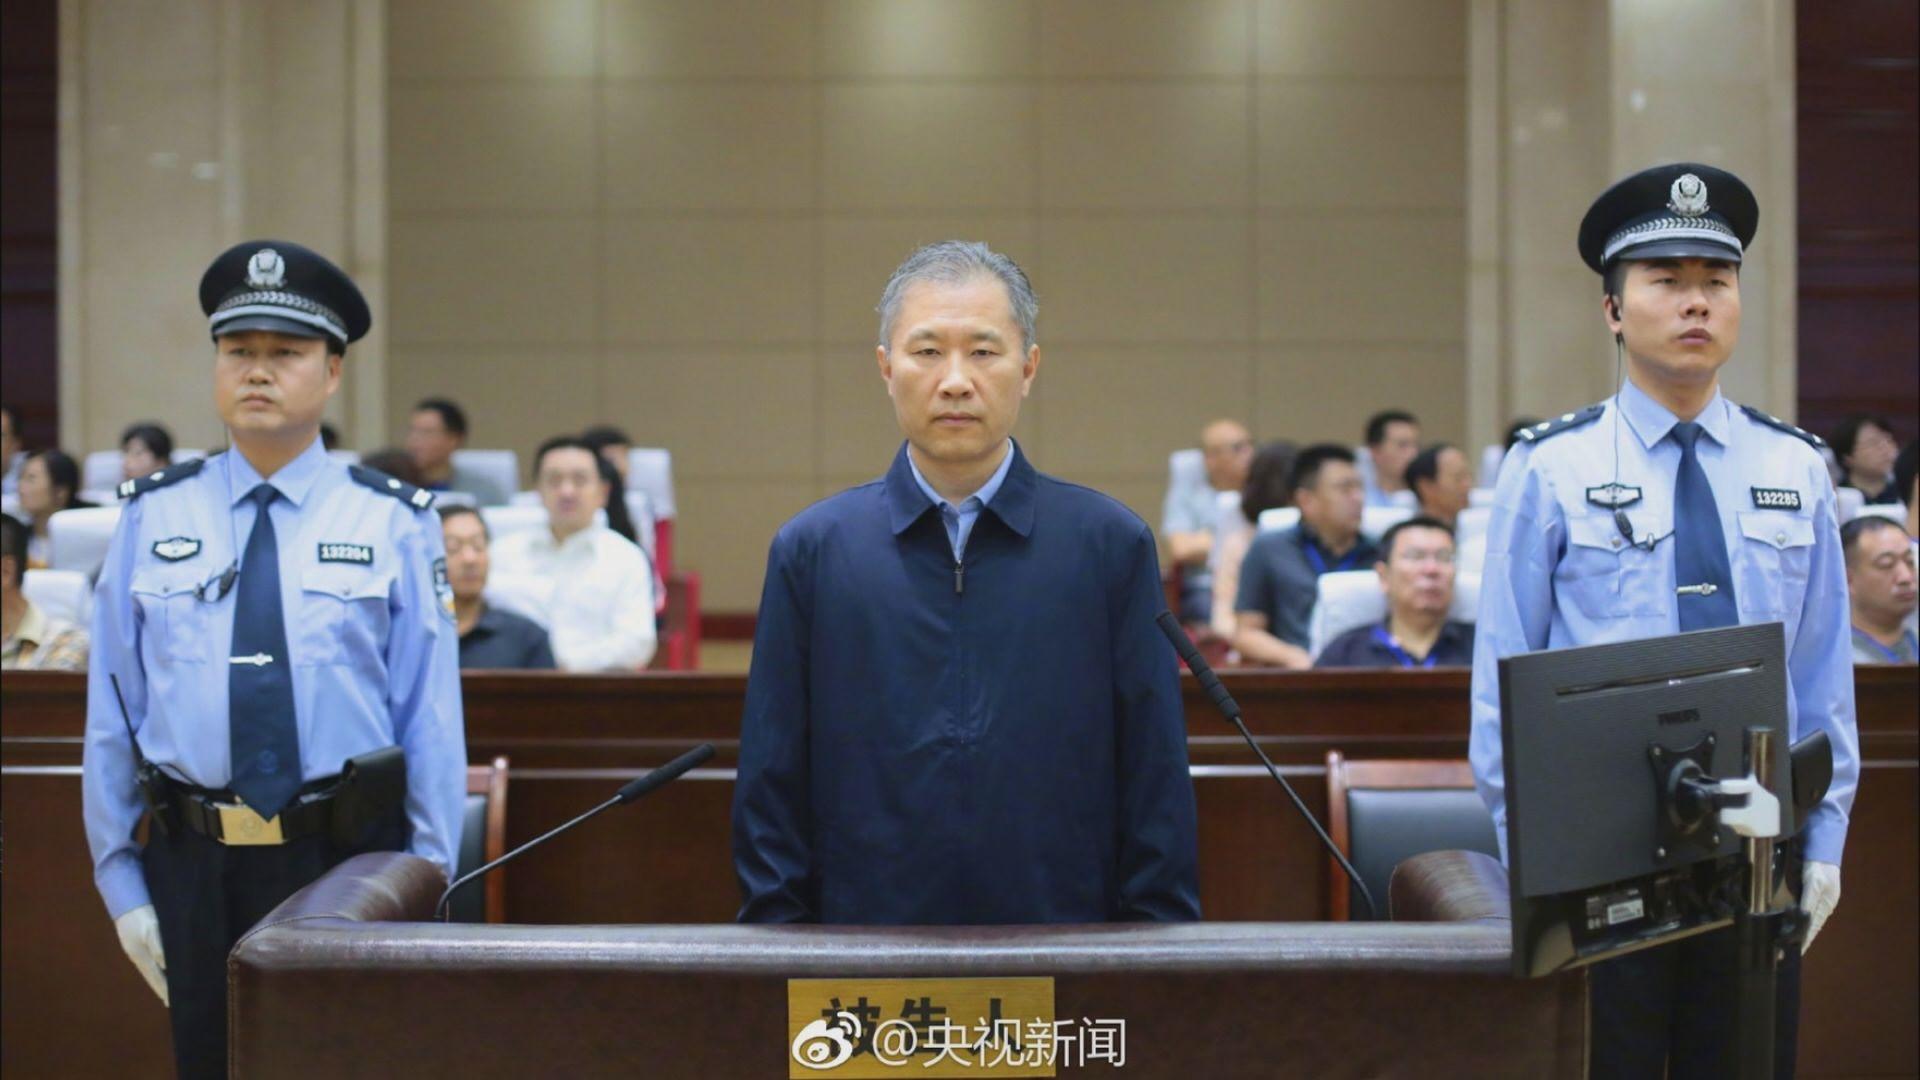 【涉受賄及內幕交易】姚剛被判有期徒刑18年